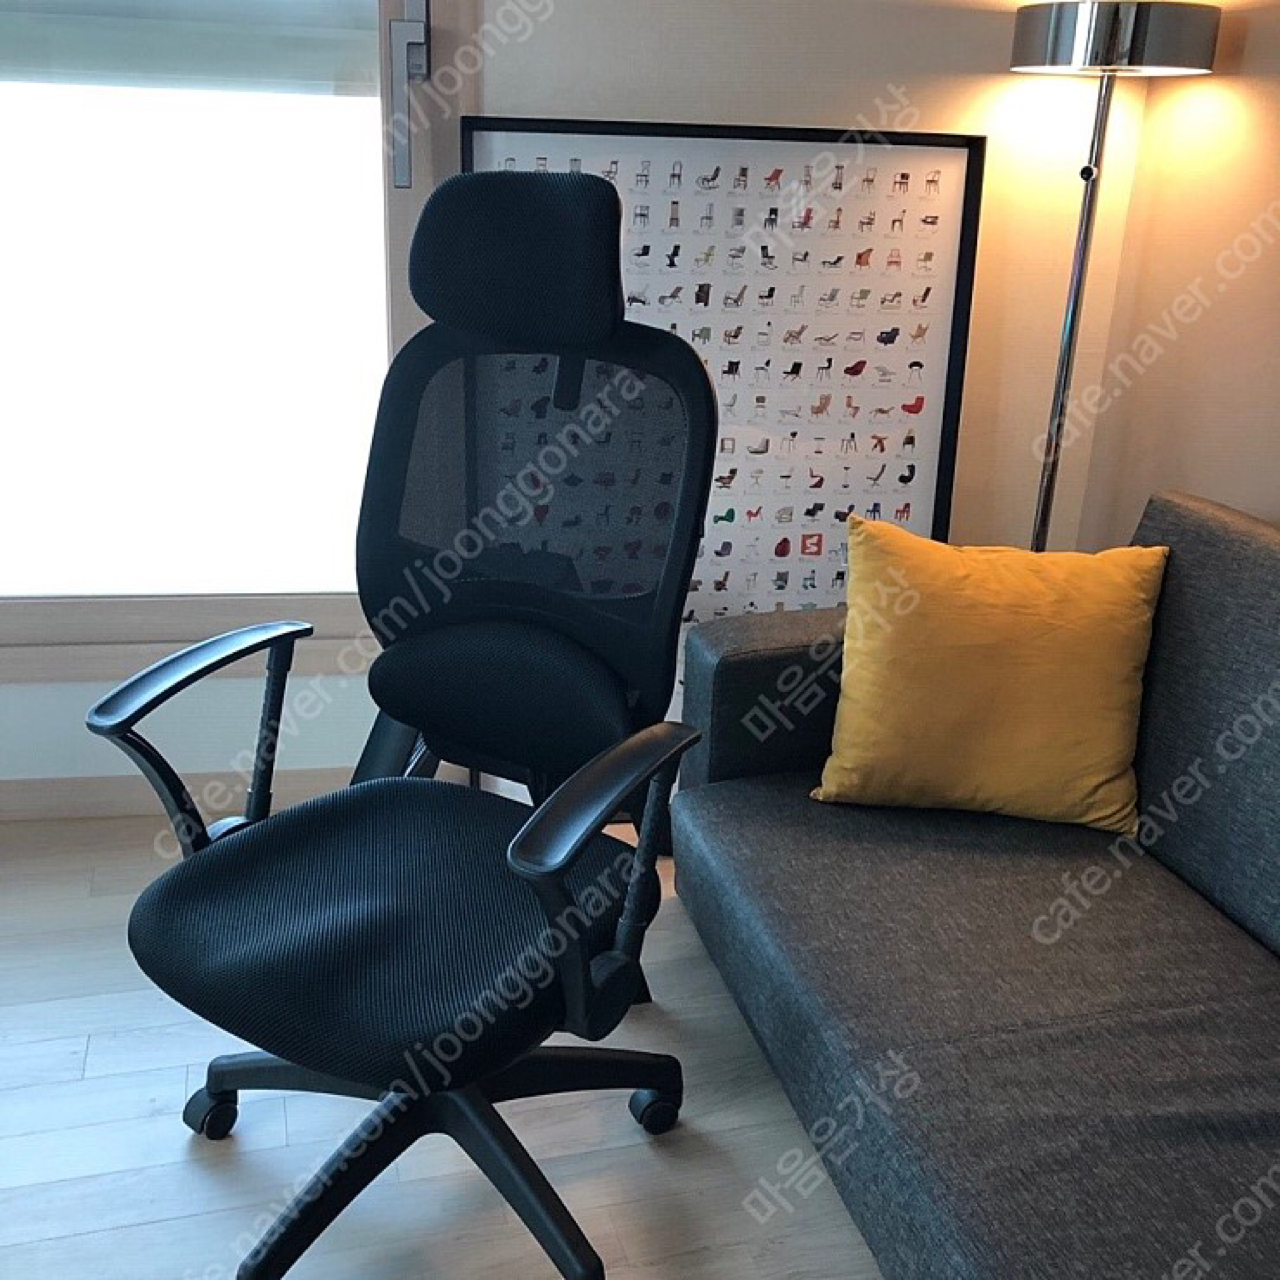 [에넥스] 사무용의자, 사무실의자, 책상의자, 공부방의자 2개 팝니다!